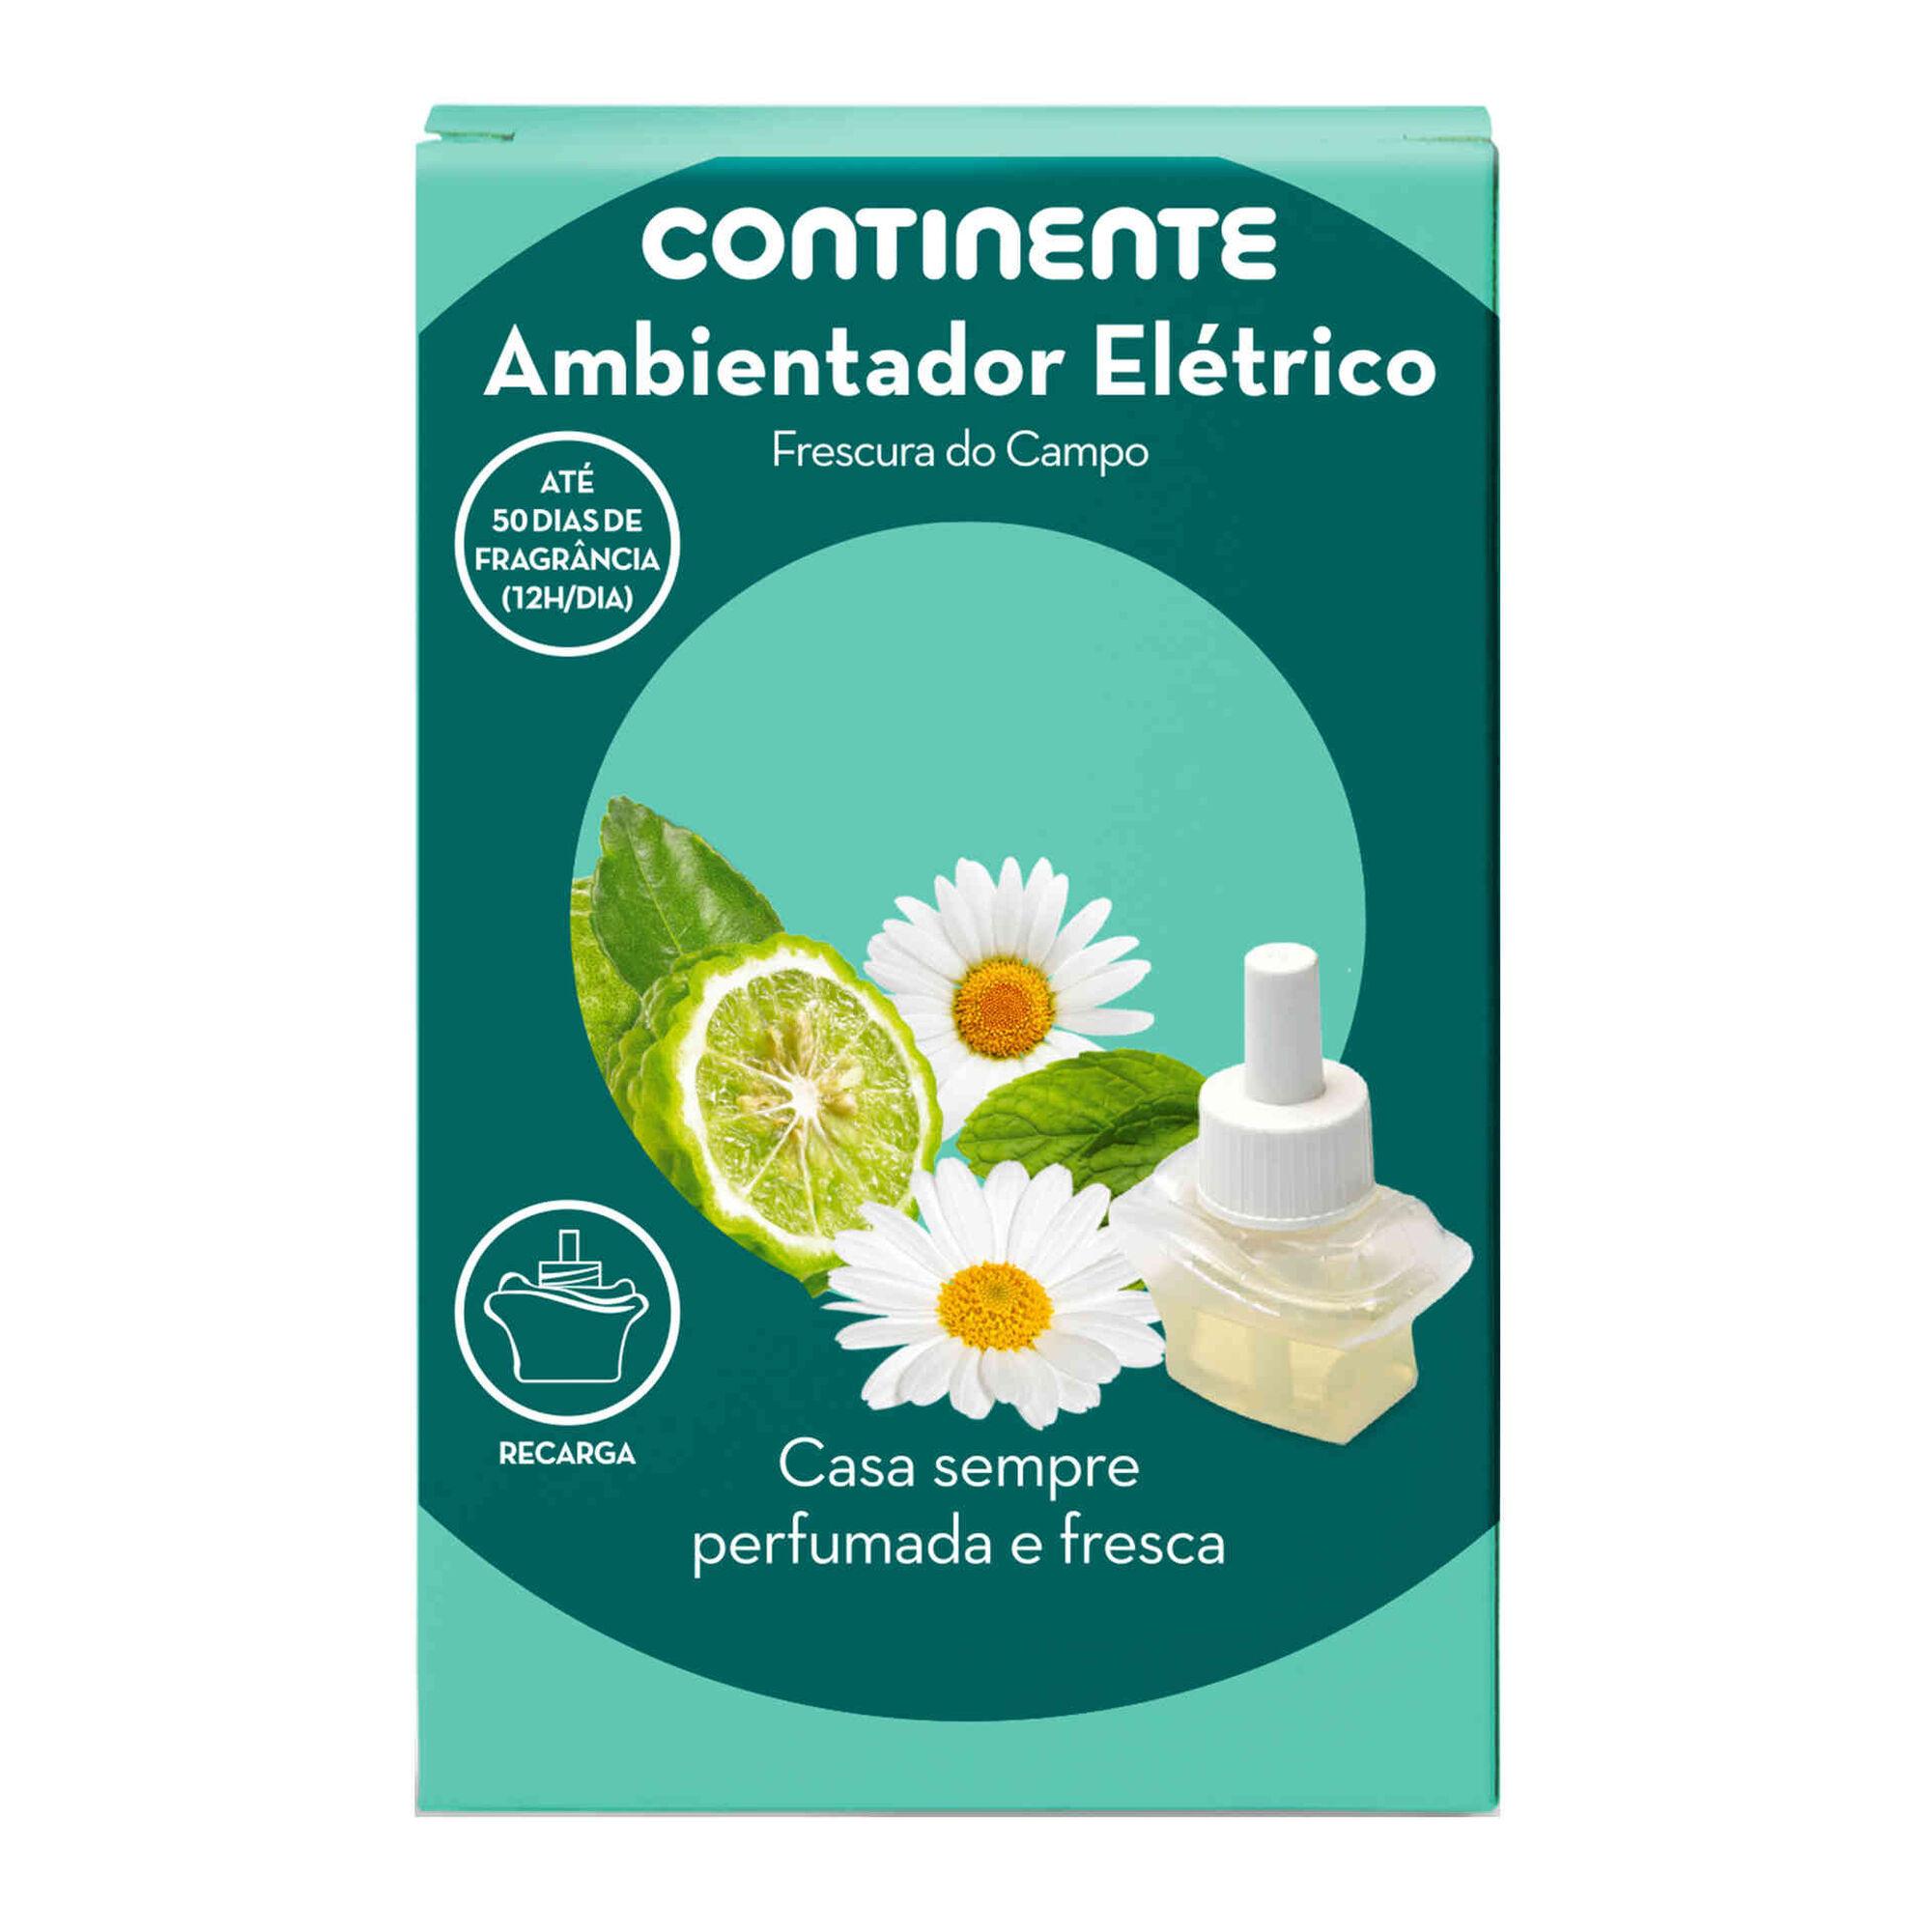 Ambientador Elétrico Recarga Frescura do Campo